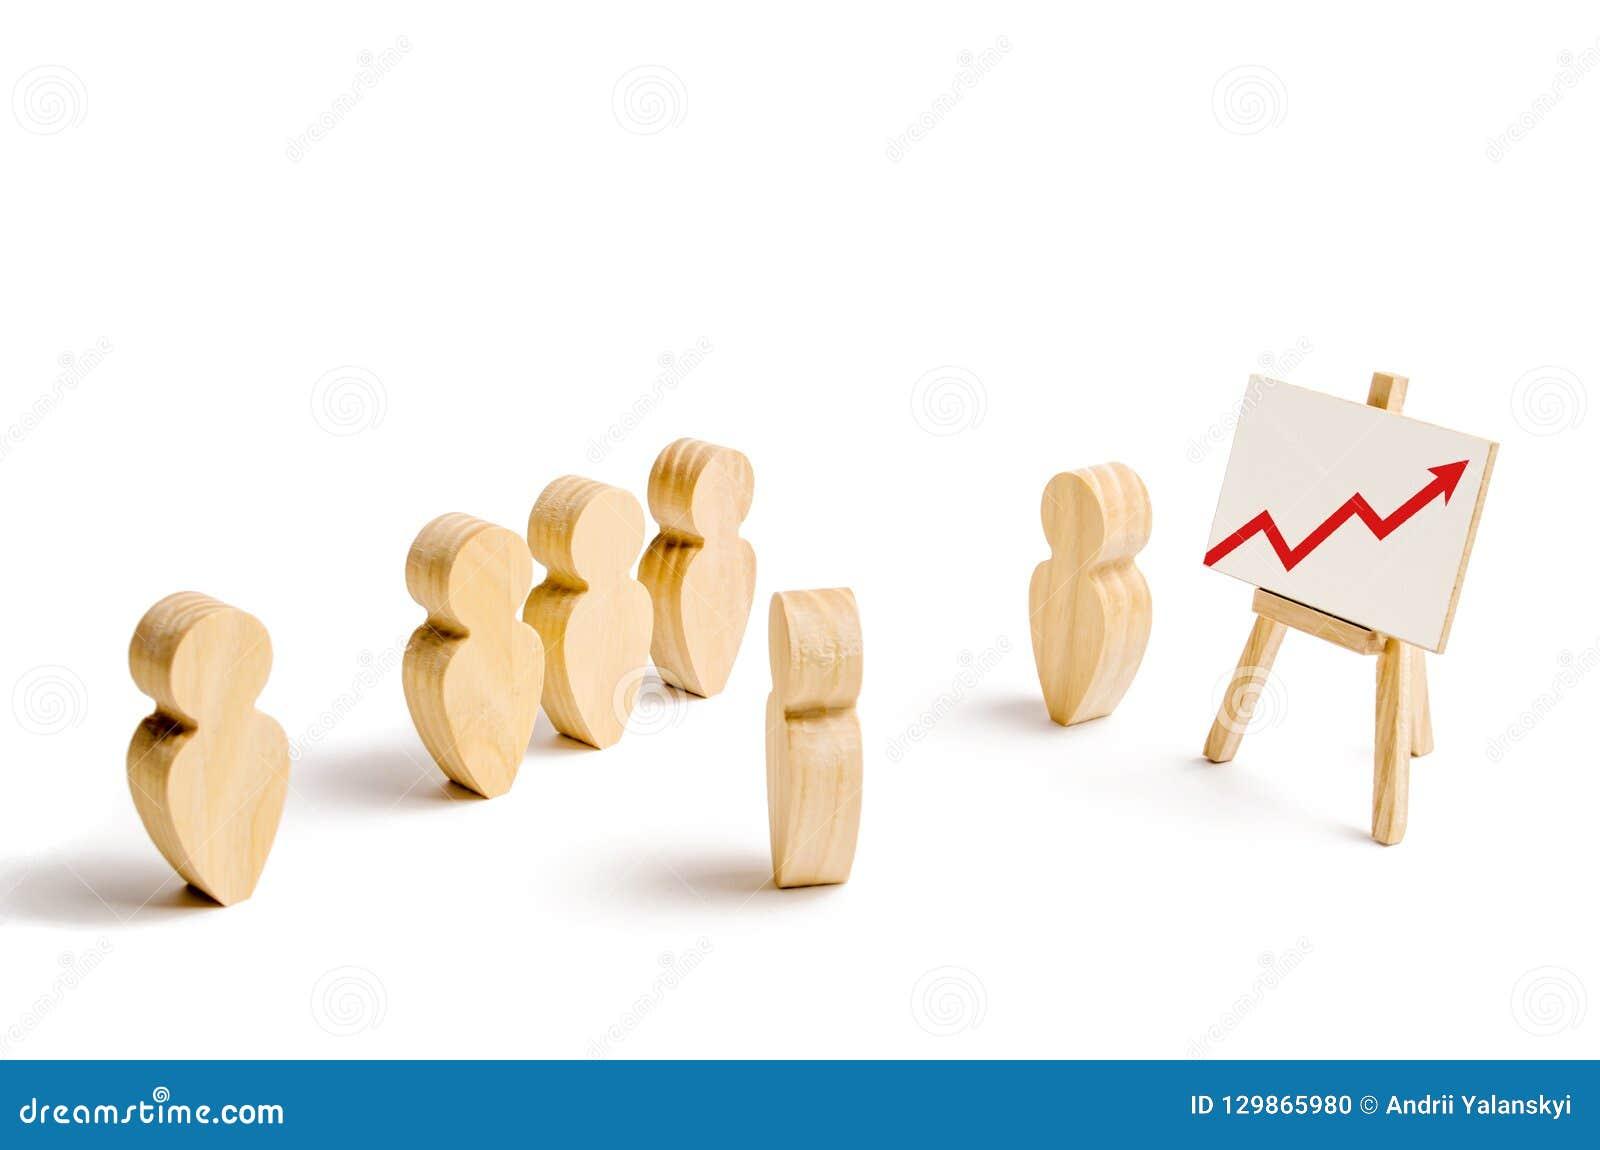 Hölzerne Zahlen des Leutestands in der Bildung und auf ihren Führer hören Geschäftstraining, Anweisung und inspirierend Rede